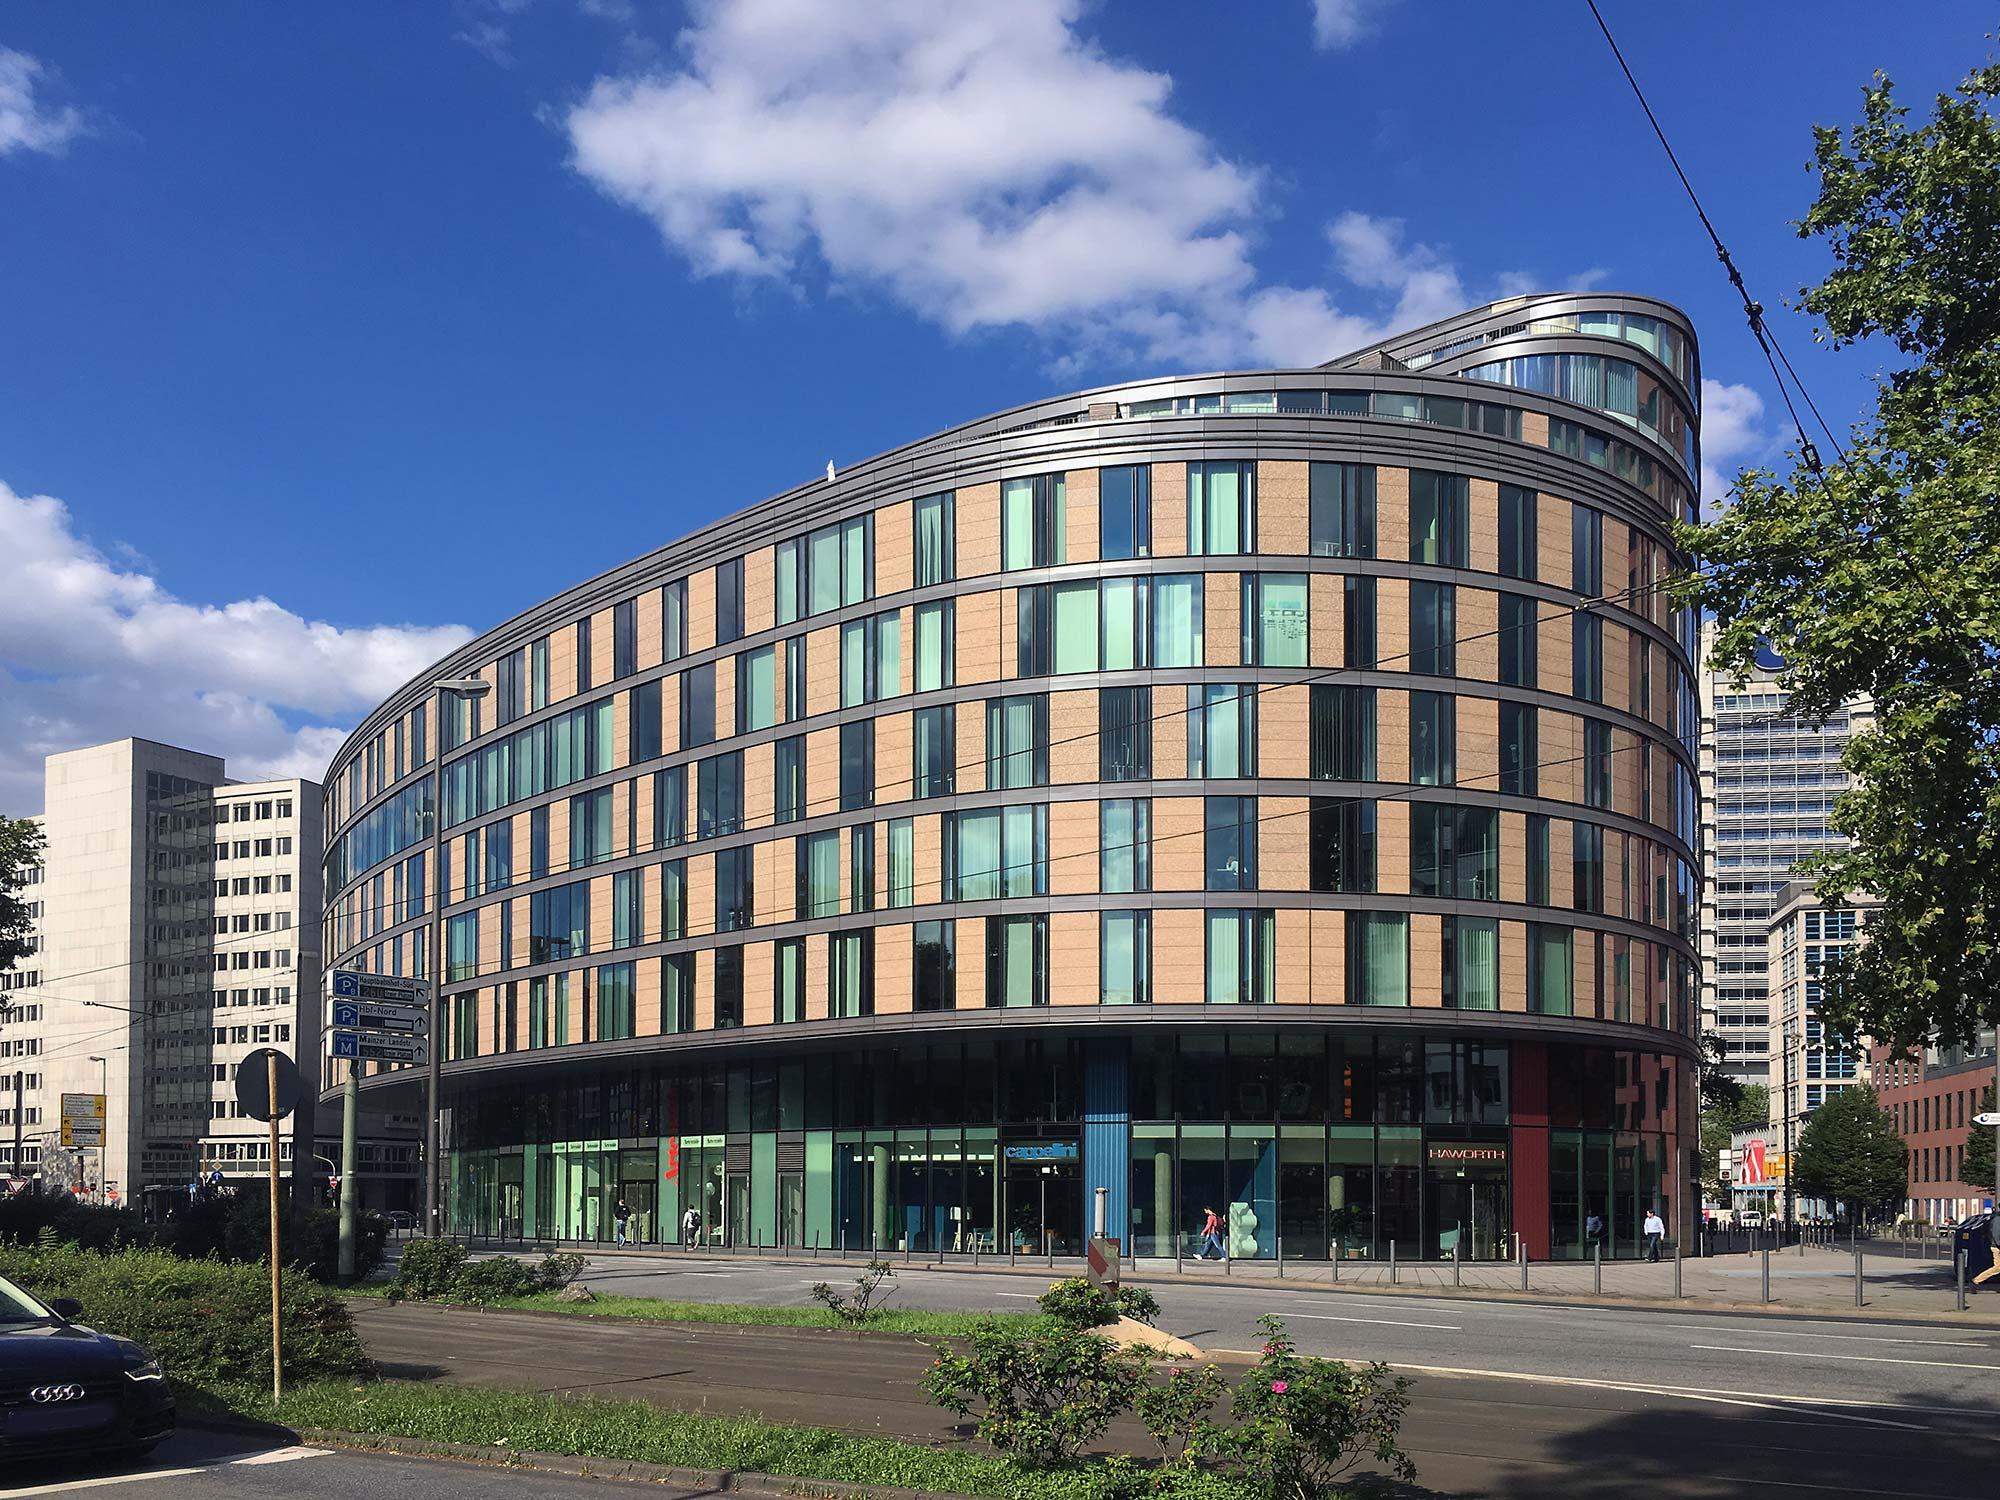 Oval am Baseler Platz - Baseler Oval - Bürogebäude Gallusviertel - Baseler Straße